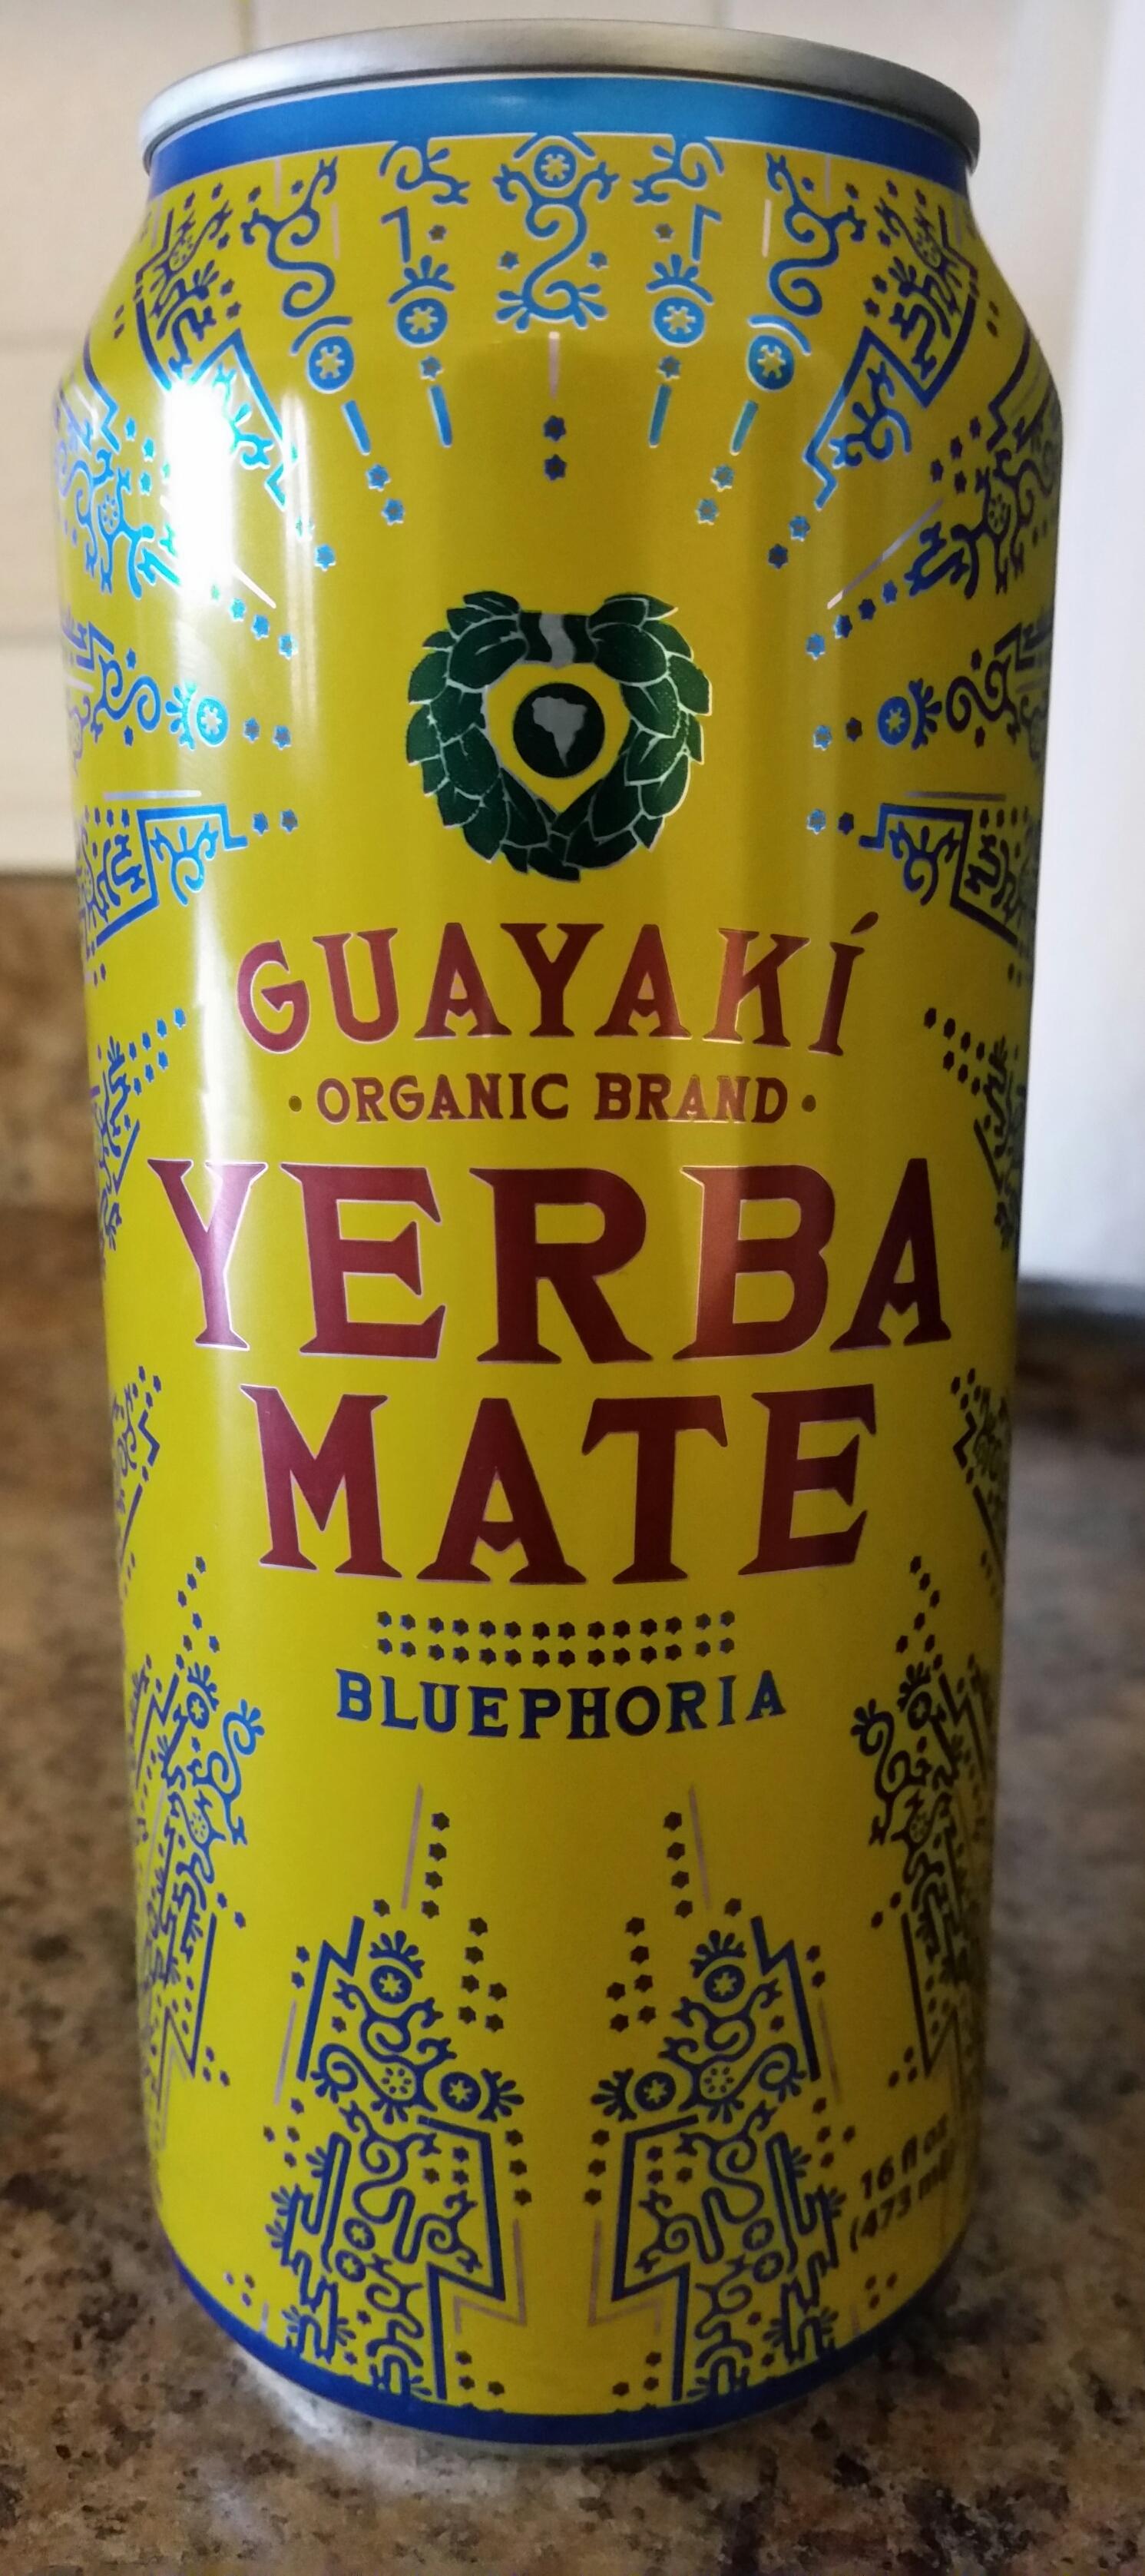 Thirsty Dudes :: Guayaki Yerba Mate Bluephoria